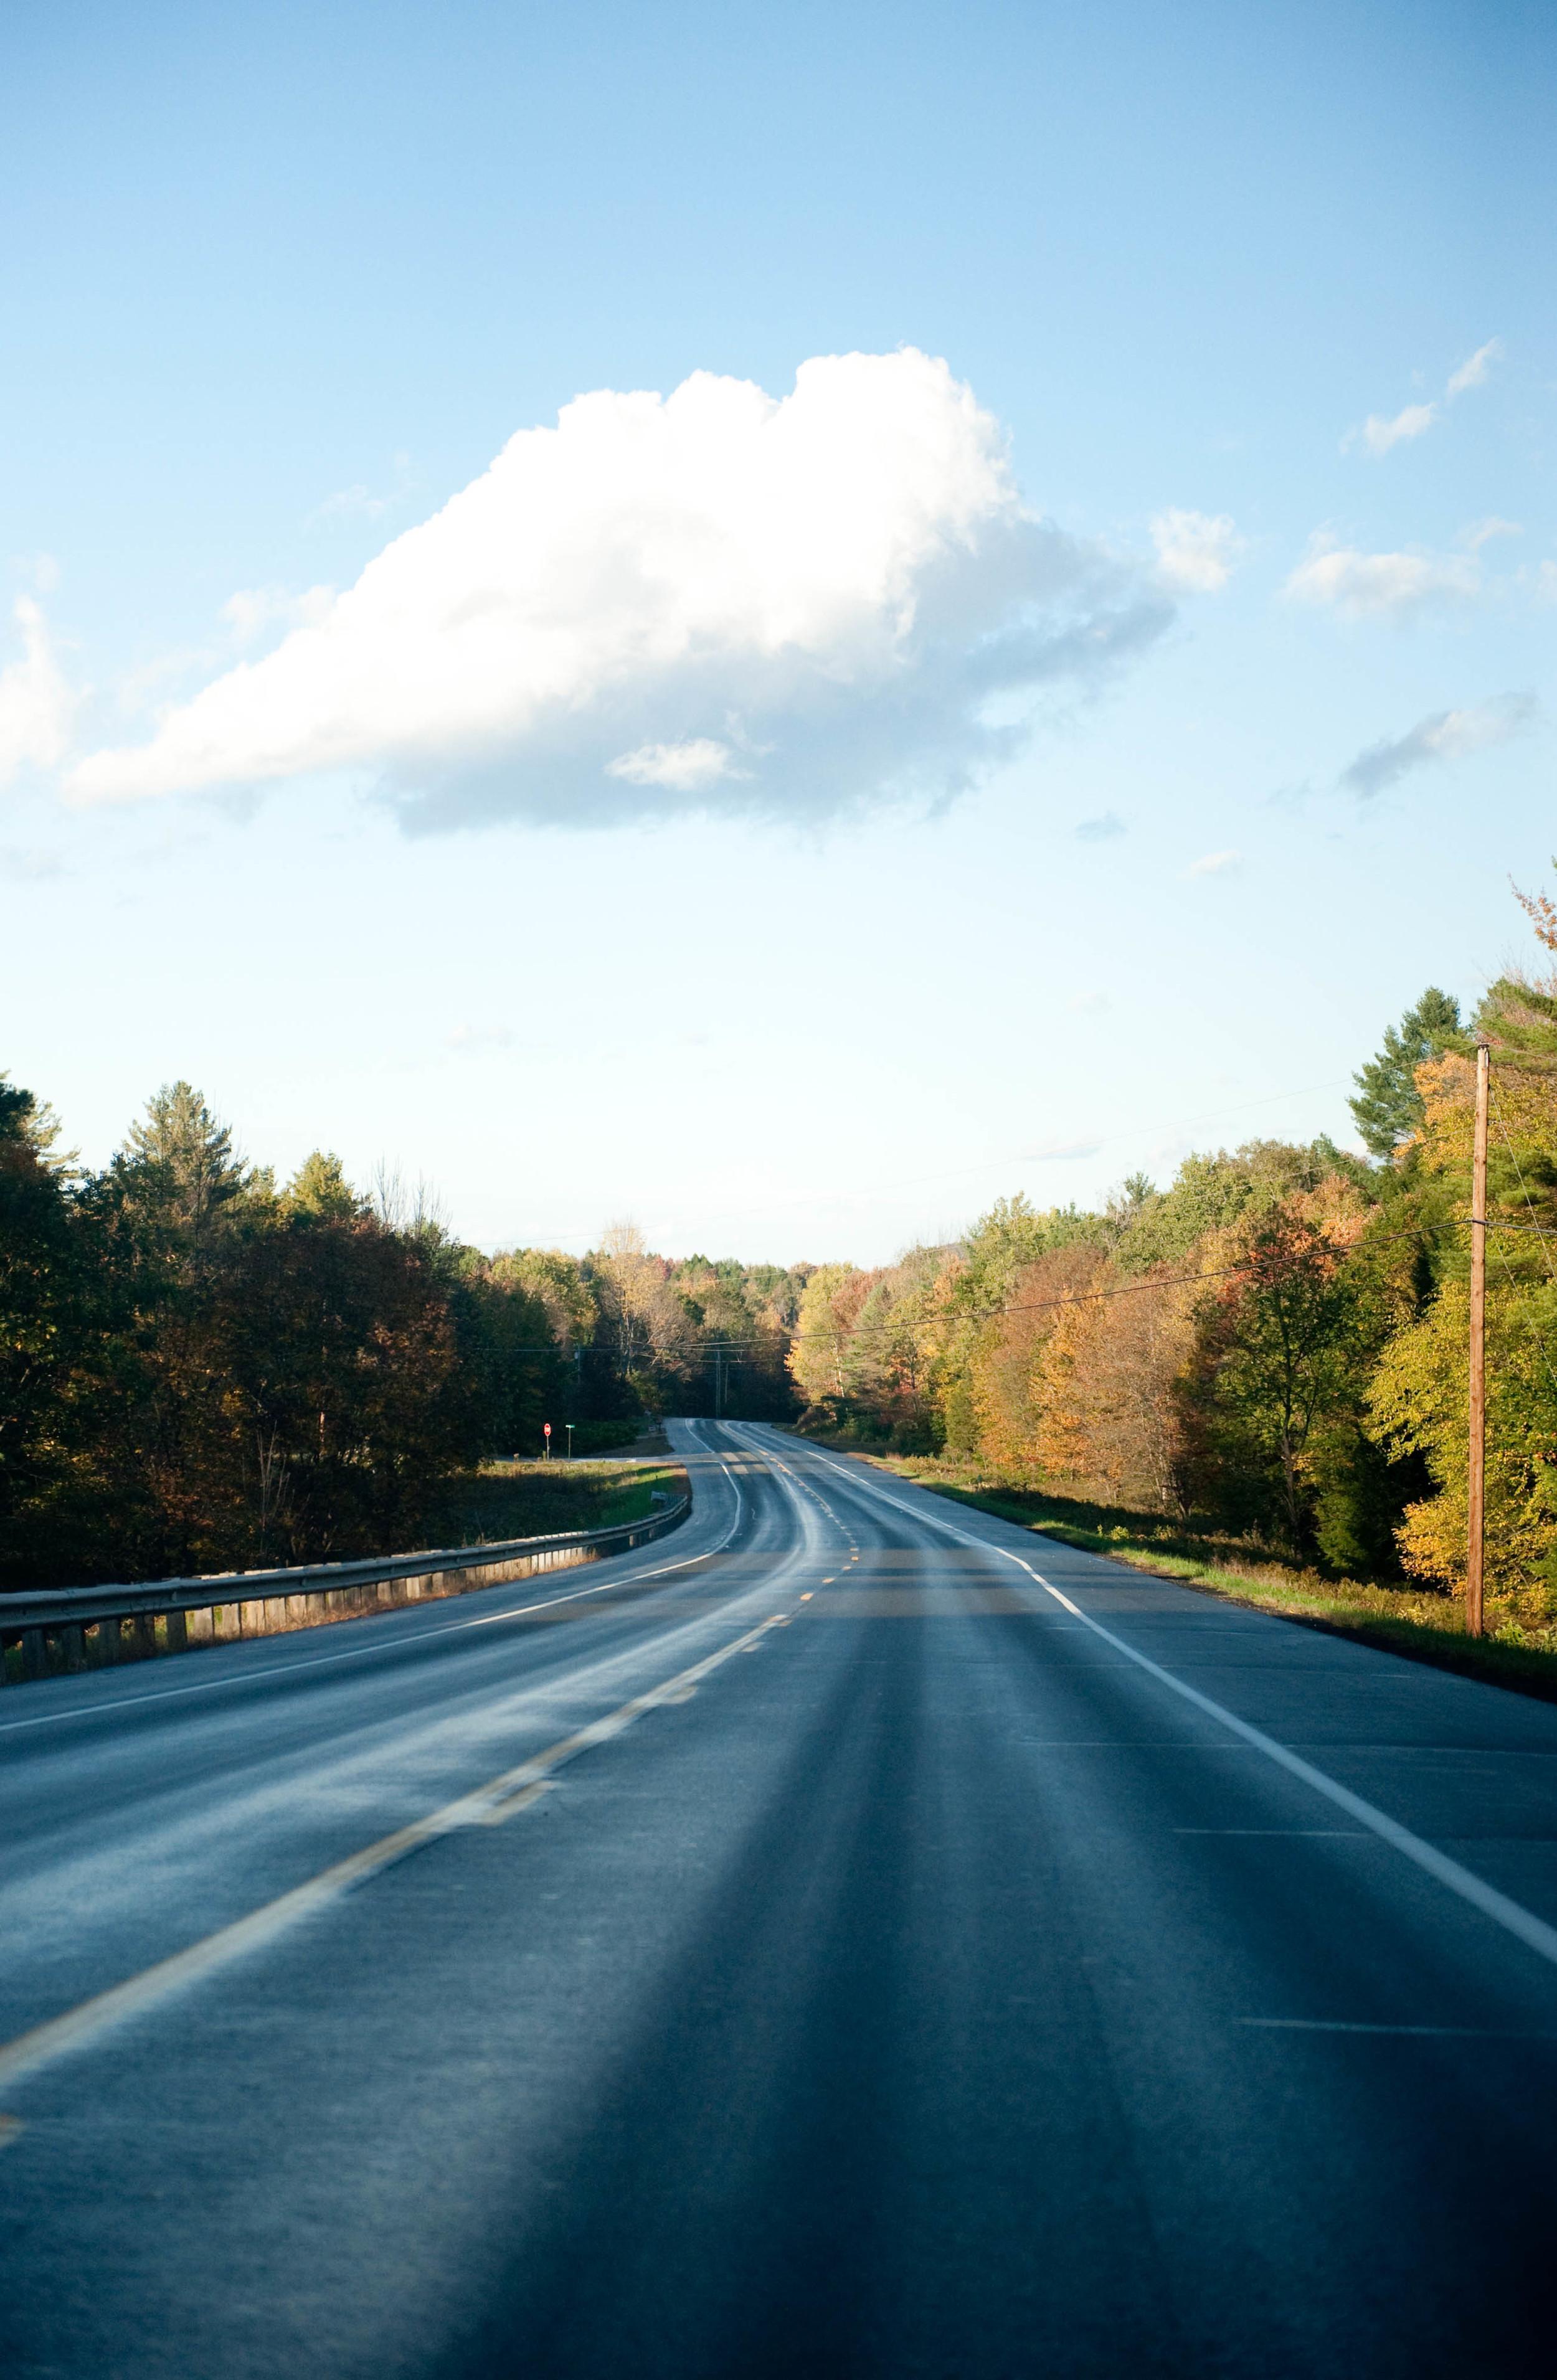 Road-9183.jpg